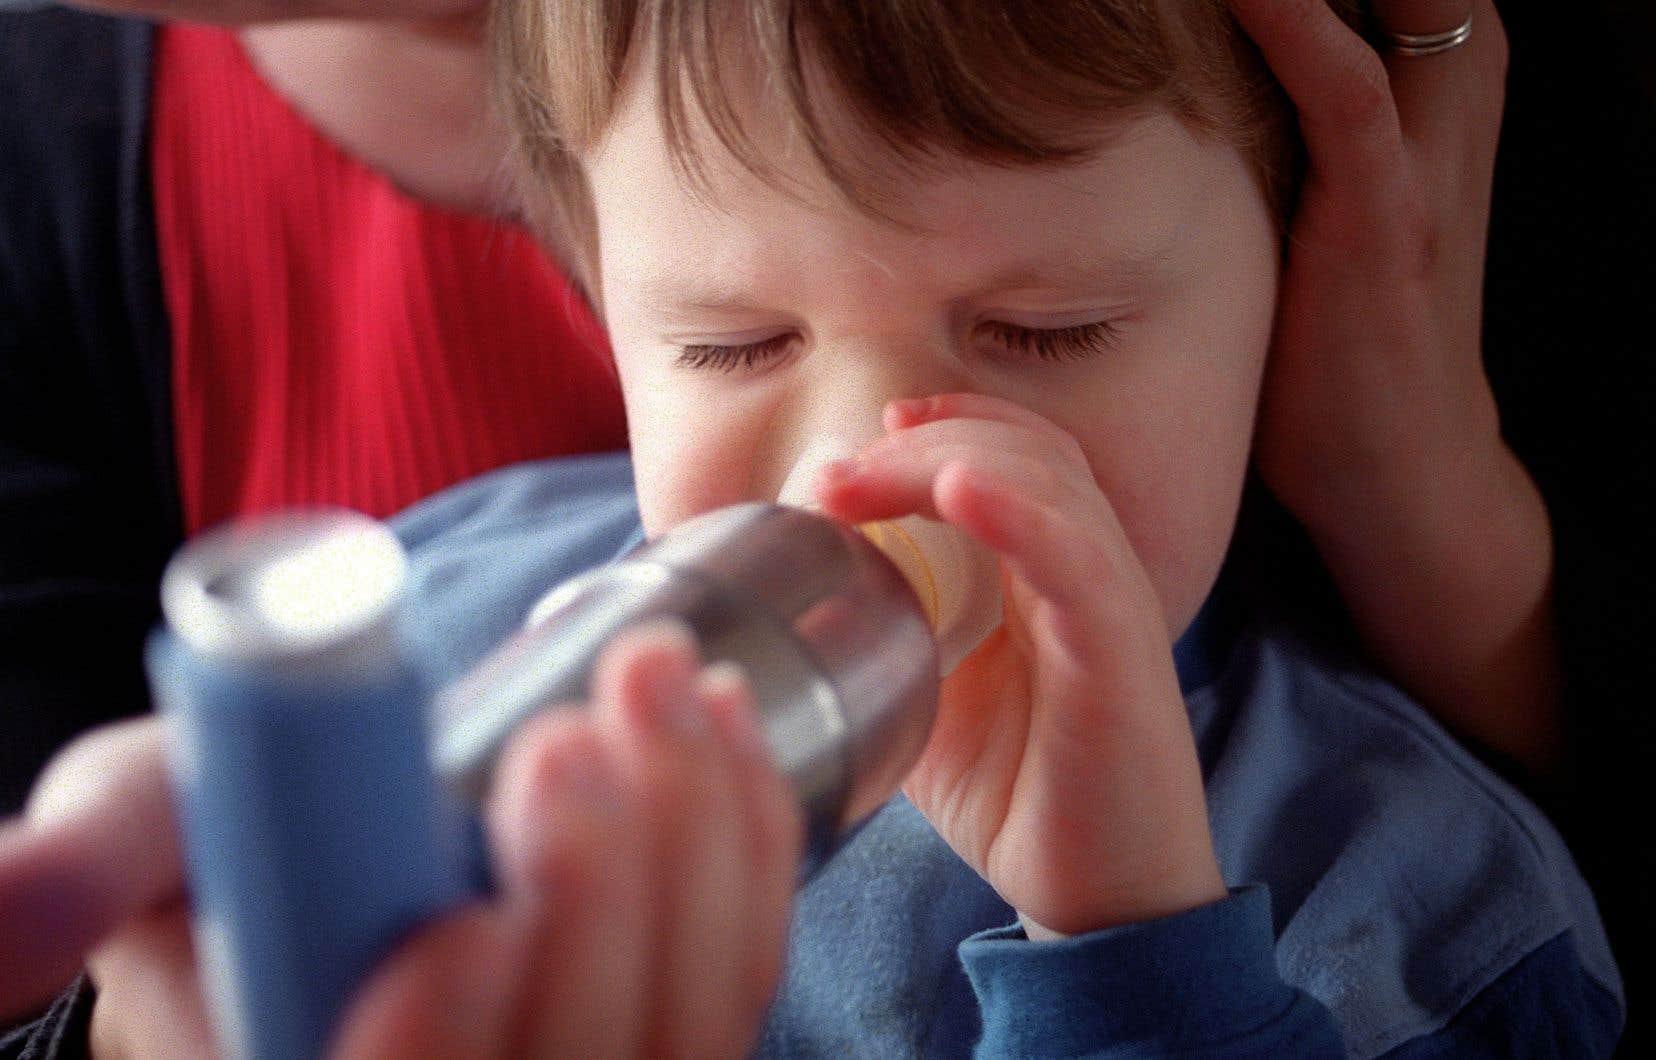 «L'asthme représente 30% des hospitalisations en pédiatrie. C'est énorme», relate Catherine Laprise, qui dirige la Chaire de recherche du Canada sur l'environnement et la génétique des troubles respiratoires et de l'allergie.